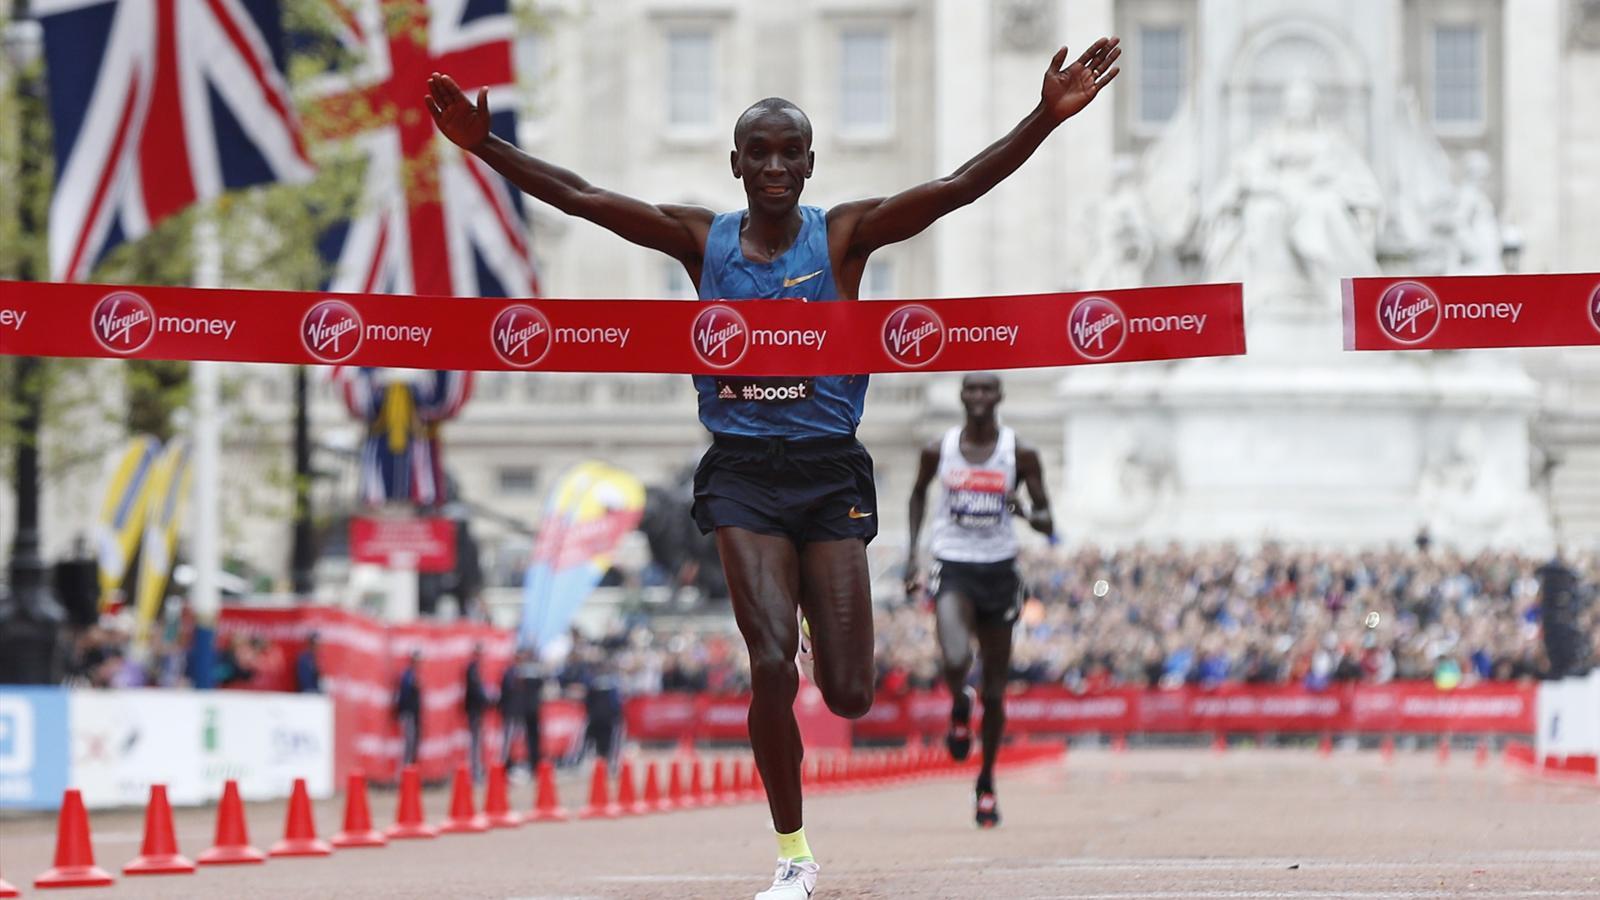 Элиуд Кипчоге и Тигуст Туфа победили на Лондонском марафоне